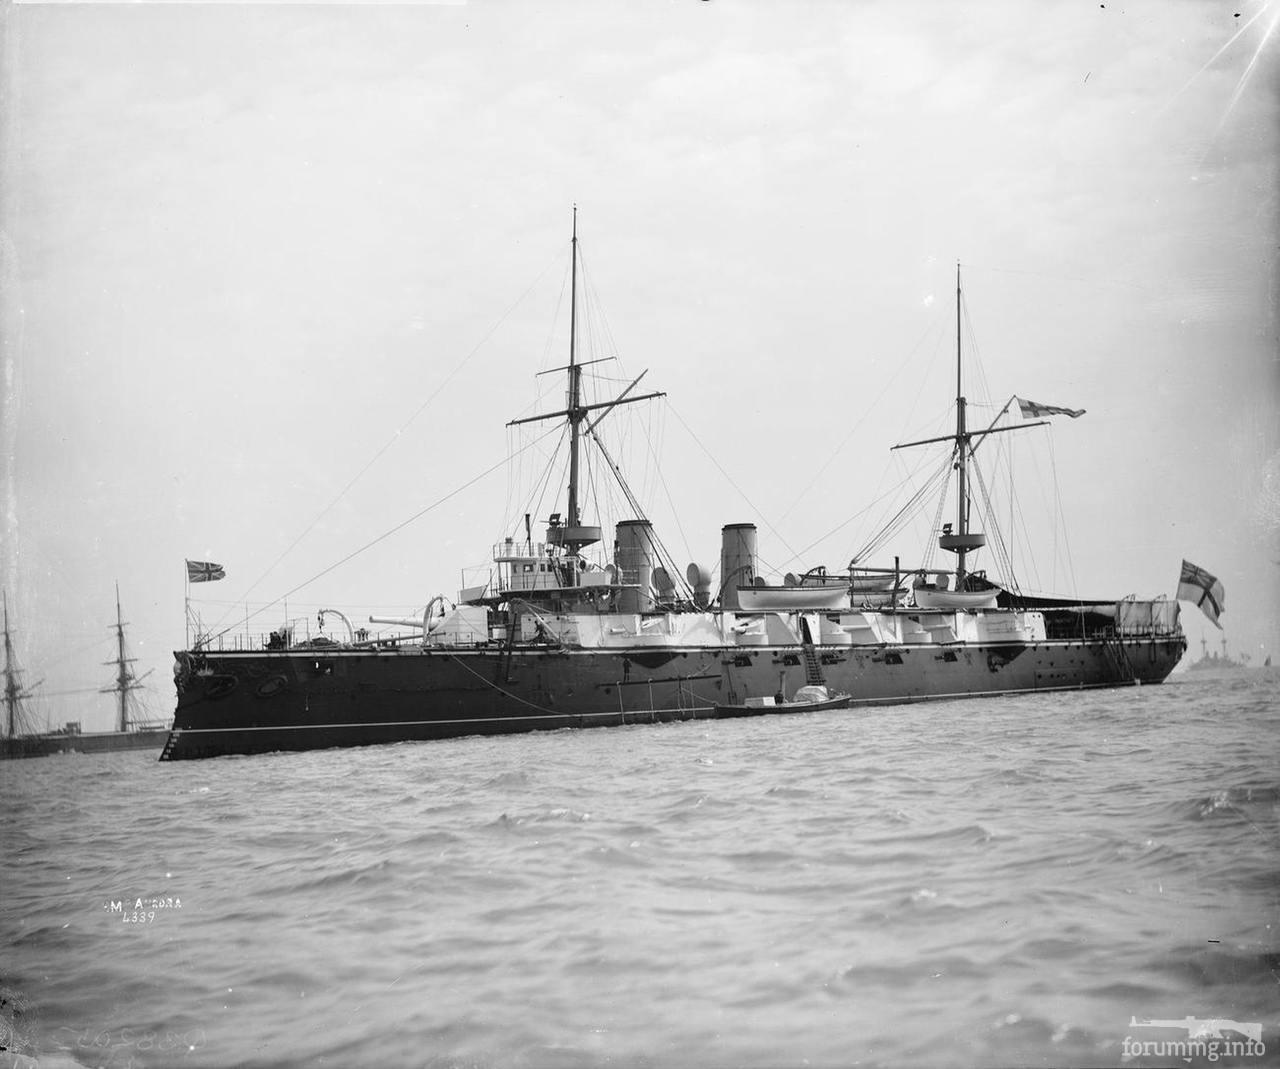 133728 - Броненосный крейсер HMS Aurora